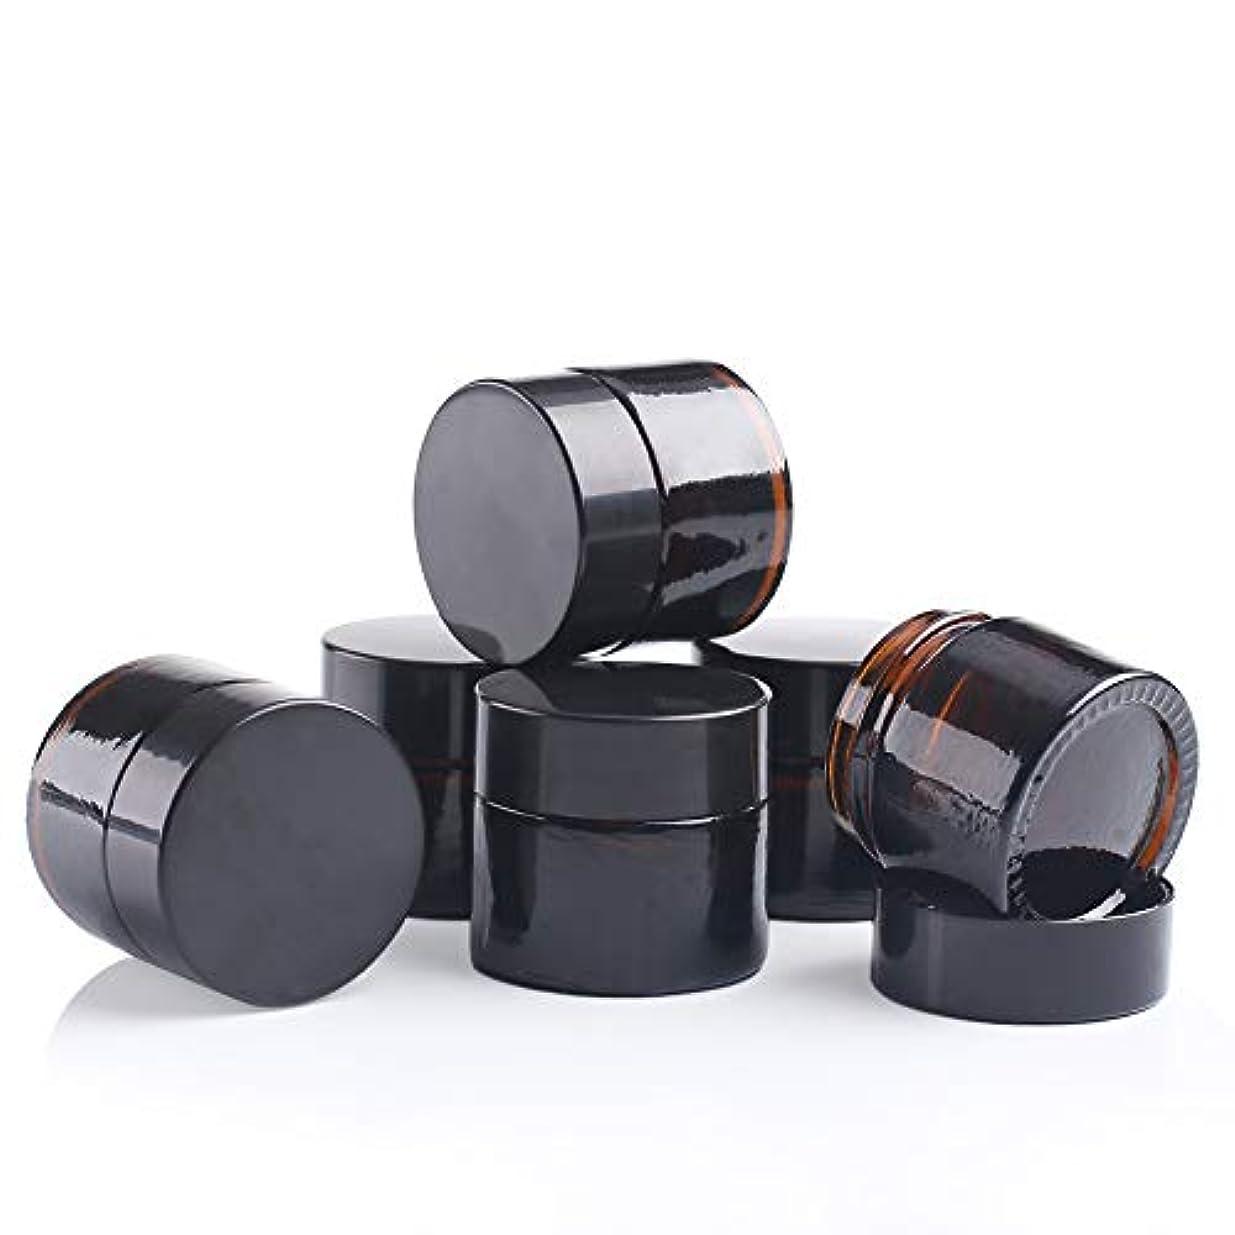 換気する集中的な紛争遮光瓶 クリーム容器 ガラス製 ブラウン ハンドクリーム 容器 6個 セット茶色